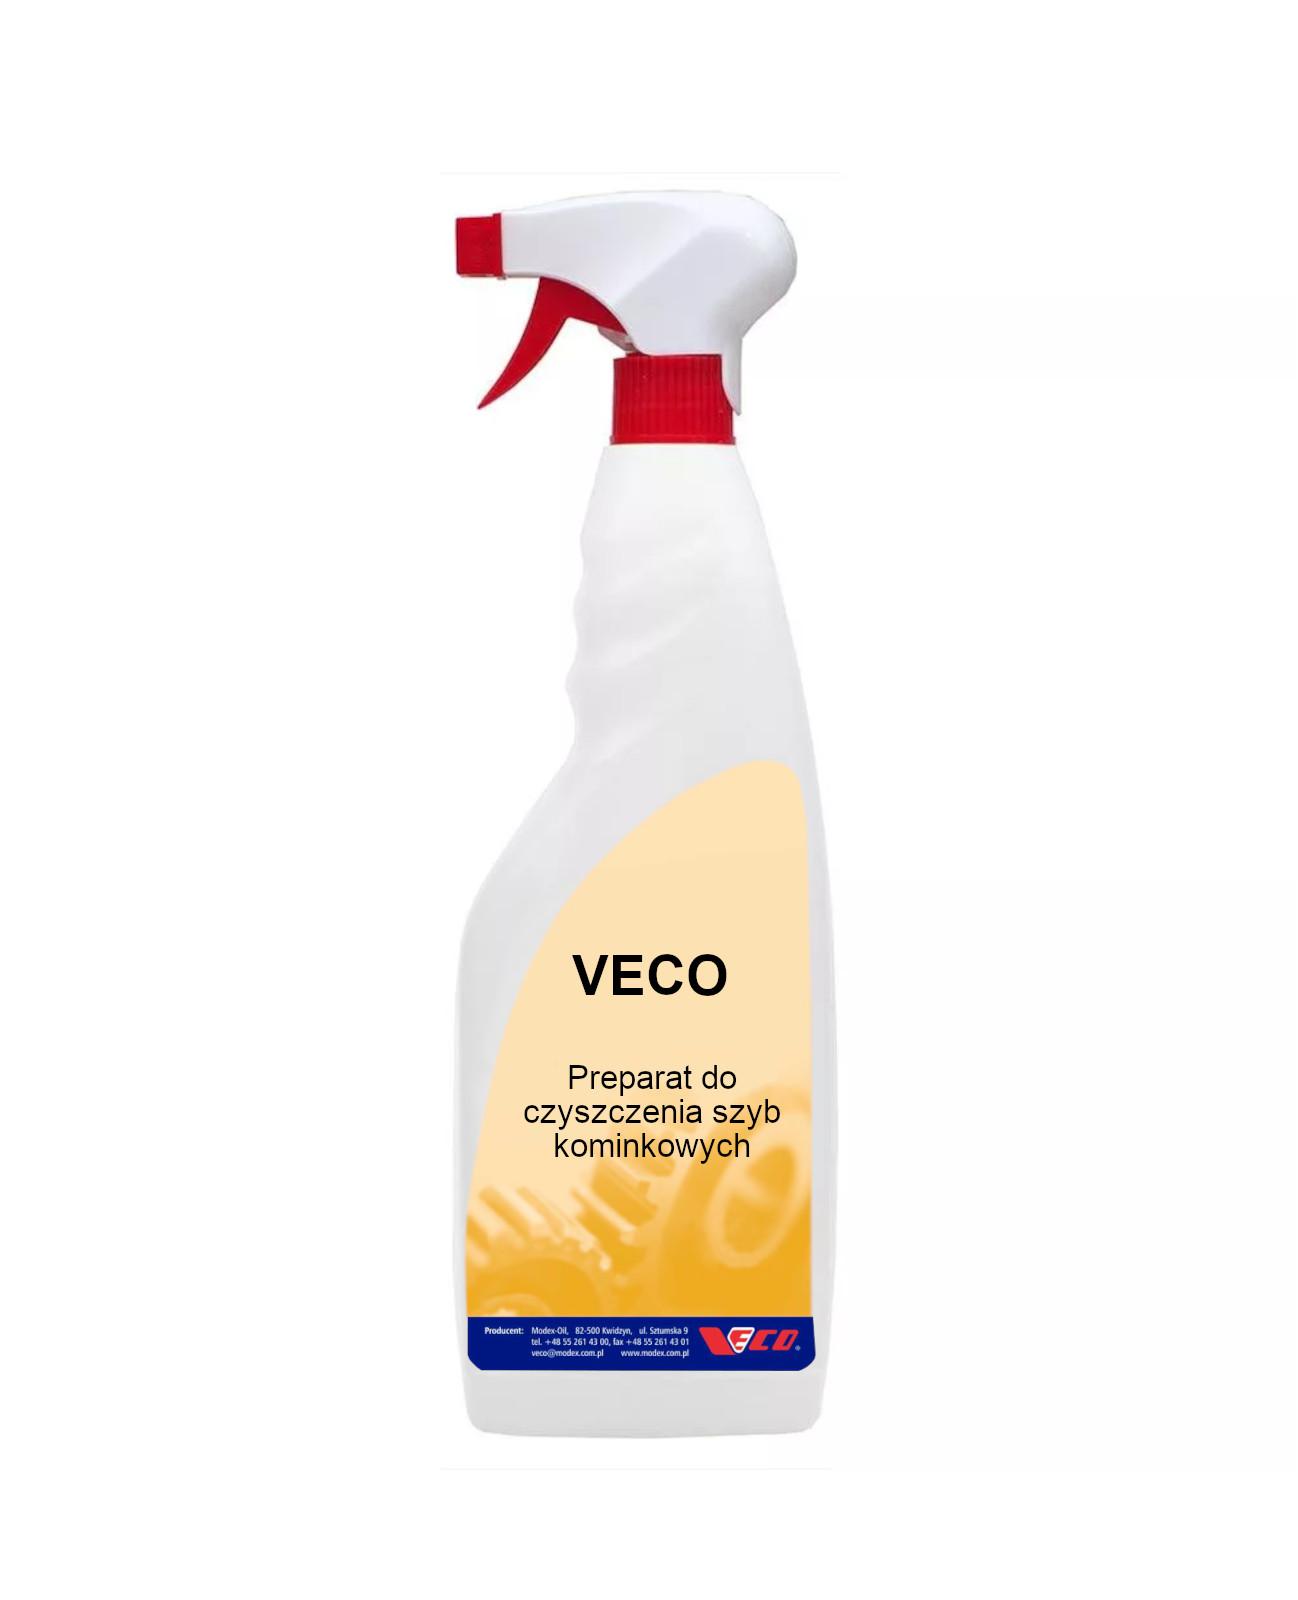 Preparat do czyszczenia szyb kominkowych